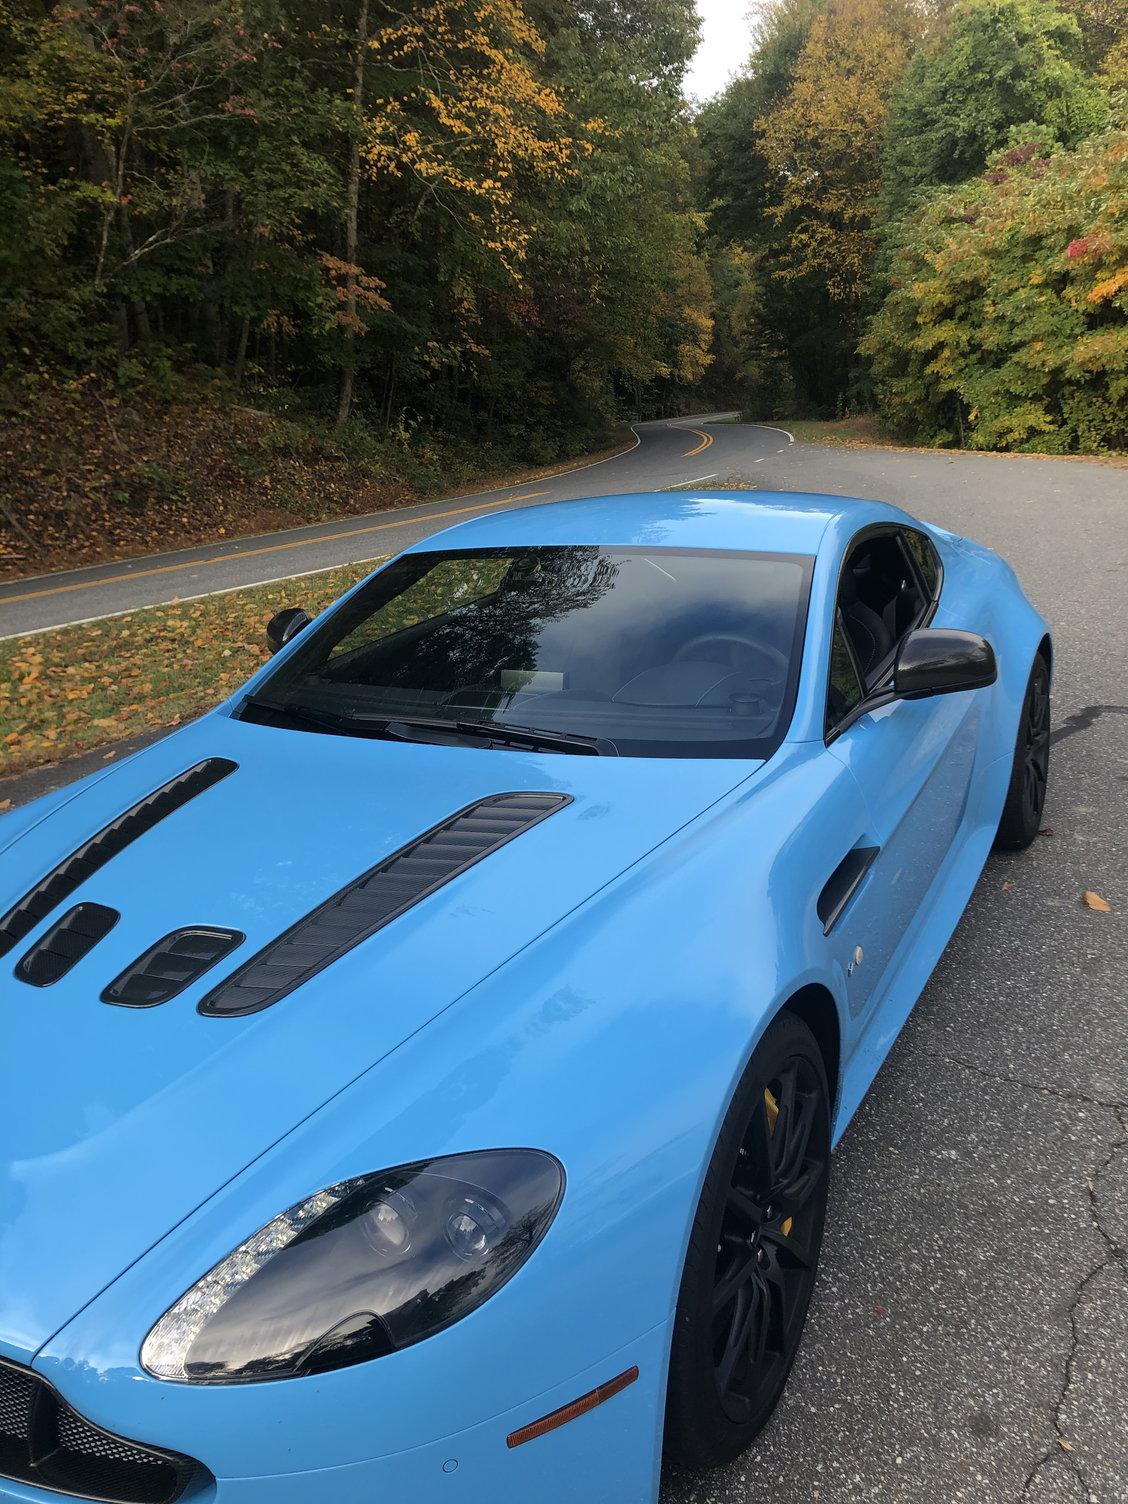 Buying Your First Vantage Depreciation Curves Pt2 6speedonline Porsche Forum And Luxury Car Resource